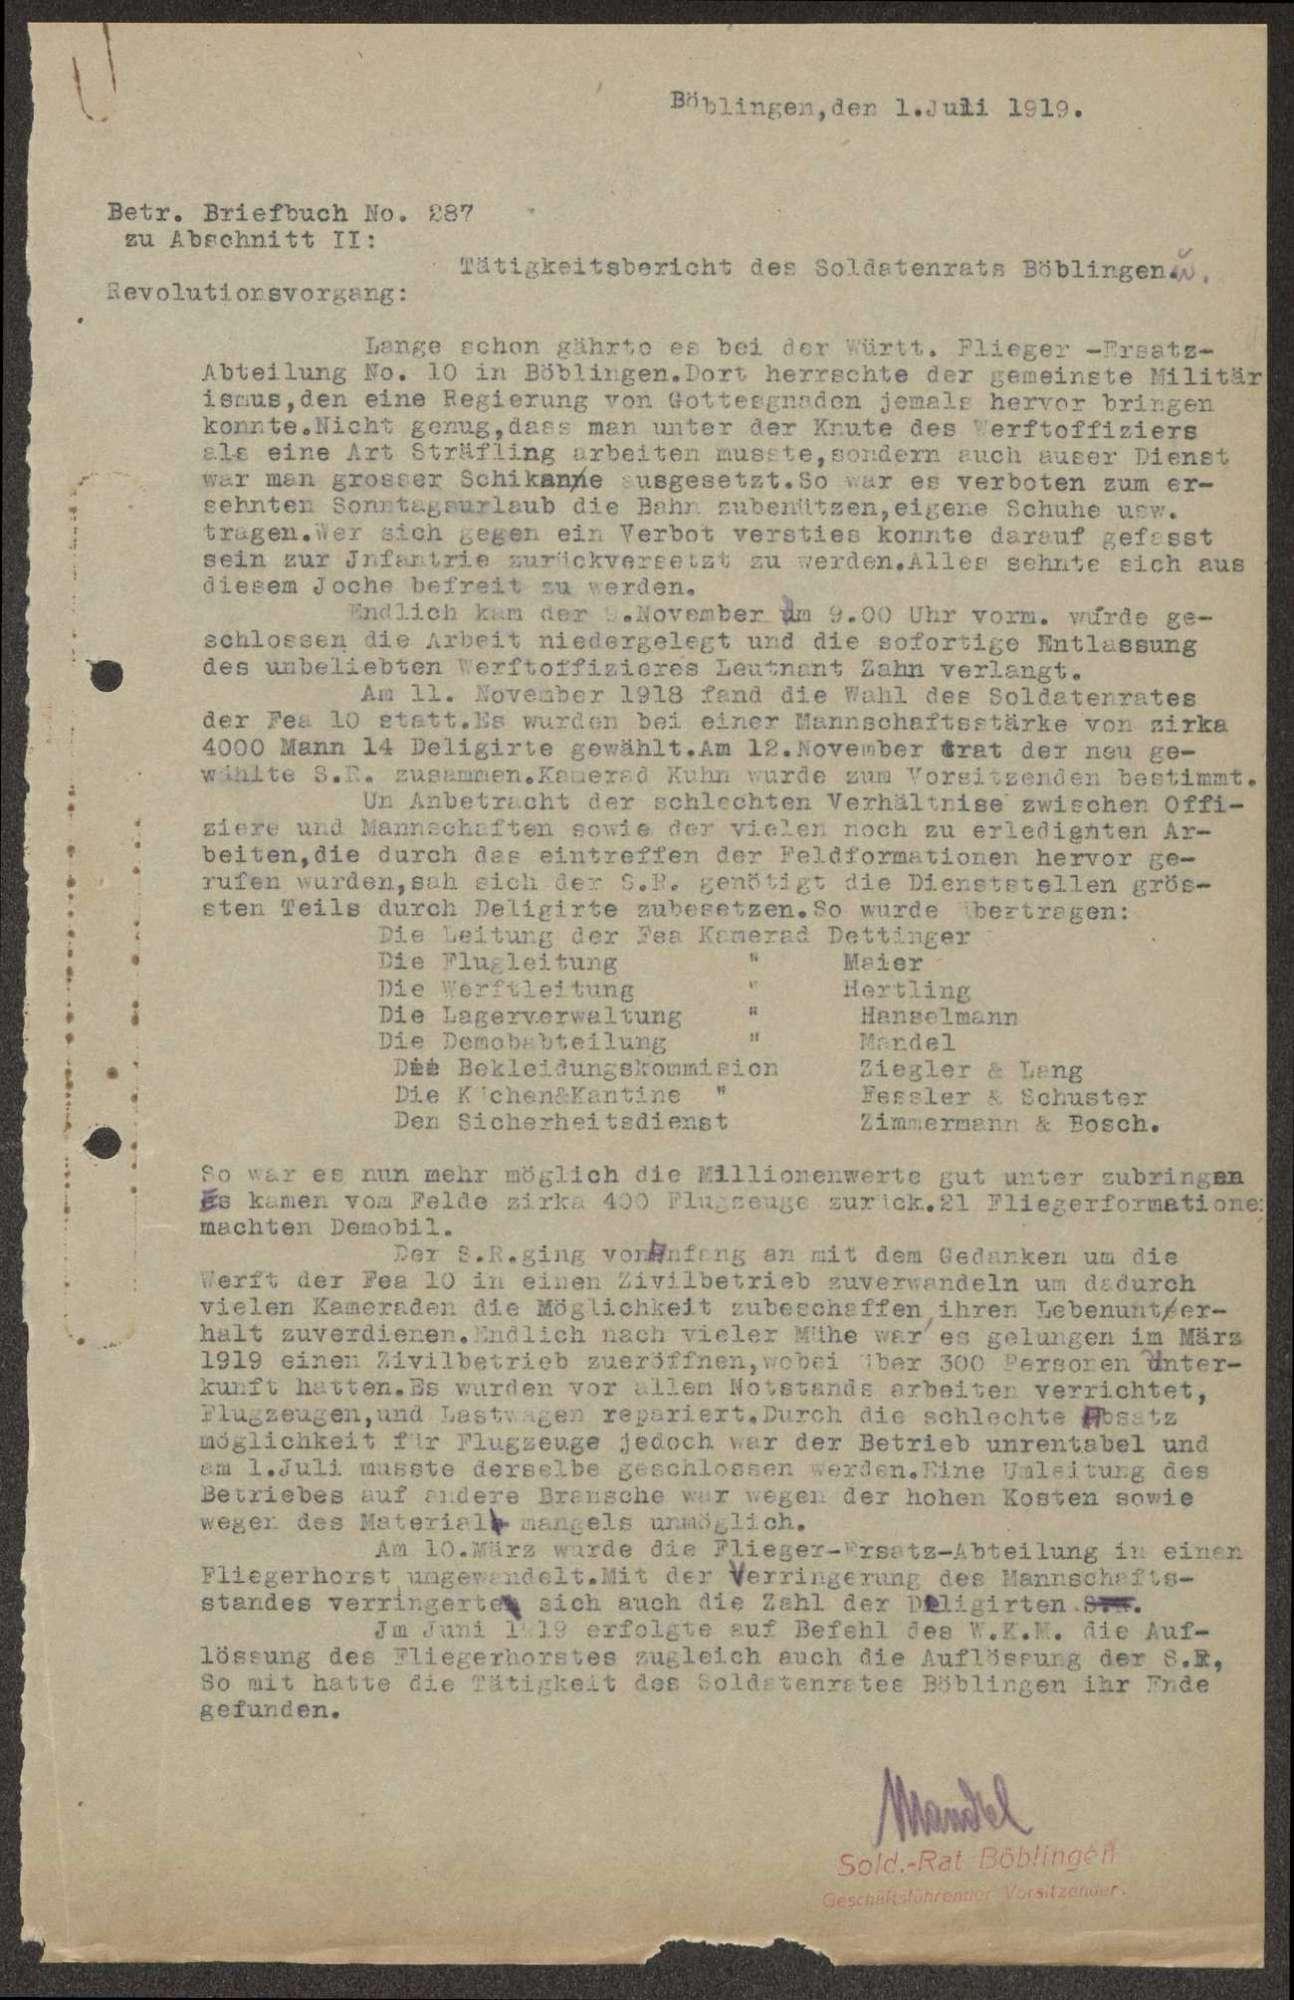 Tätigkeitsbericht des Soldatenrats Böblingen mit Bericht über die Revolution bei der Flieger-Ersatz-Abteilung 10, Bild 2